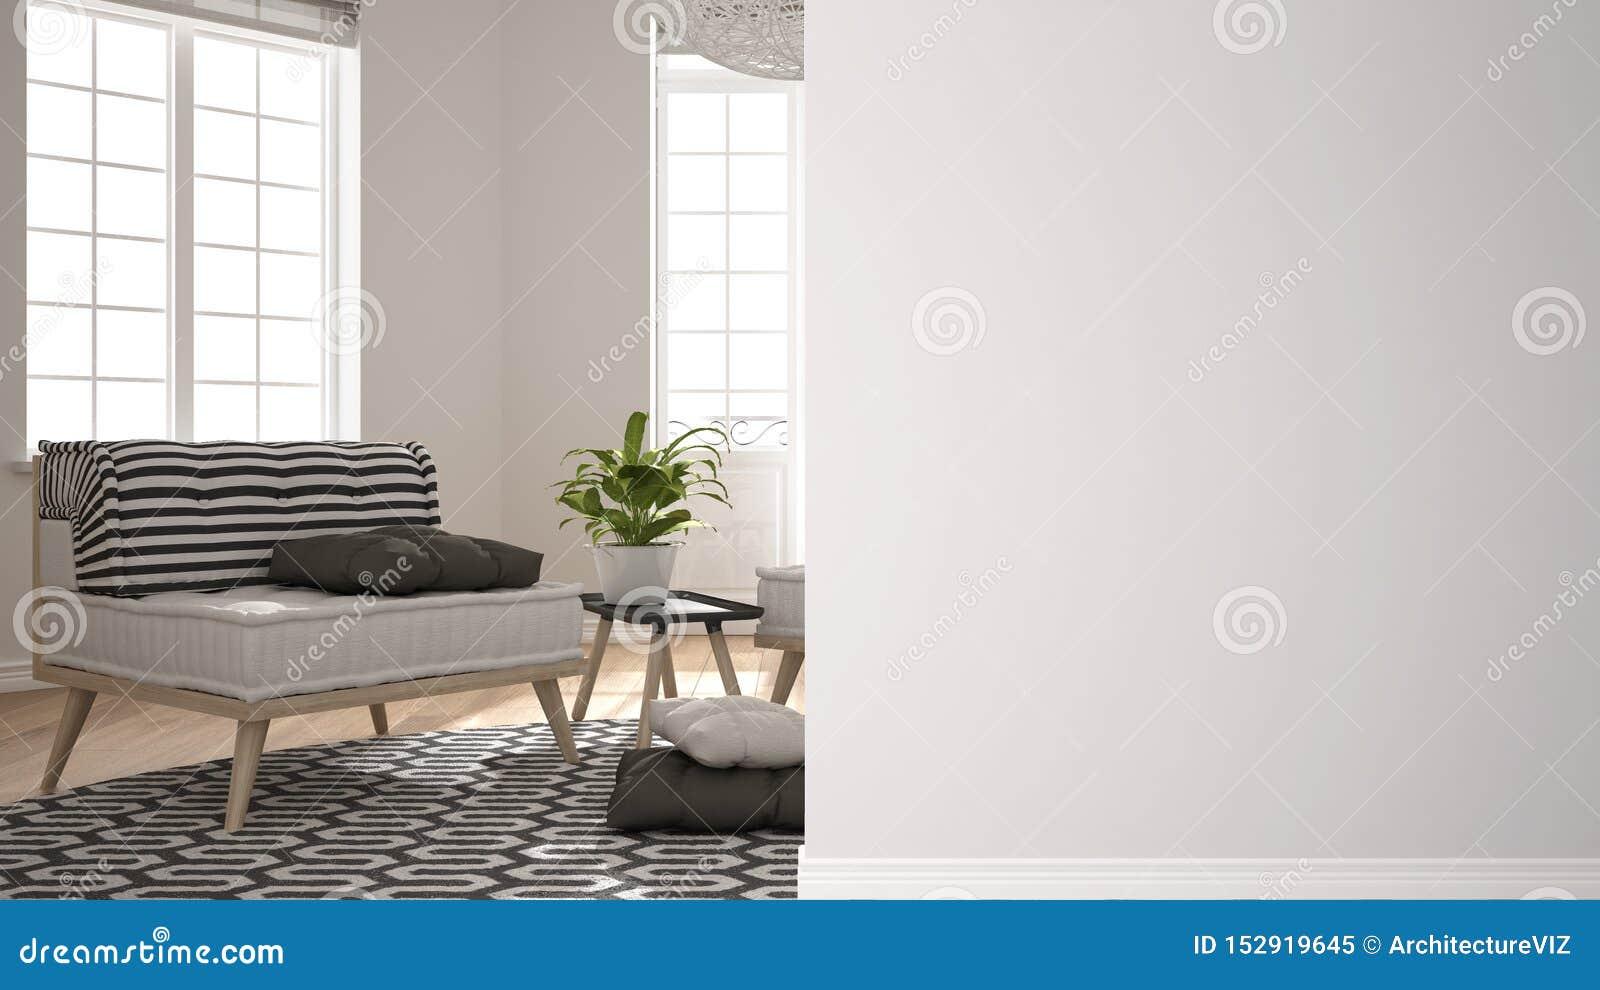 Σύγχρονο άσπρο και ξύλινο καθιστικό με τον καναπέ σε έναν τοίχο πρώτου πλάνου, εσωτερική ιδέα αρχιτεκτονικής σχεδίου, έννοια με τ